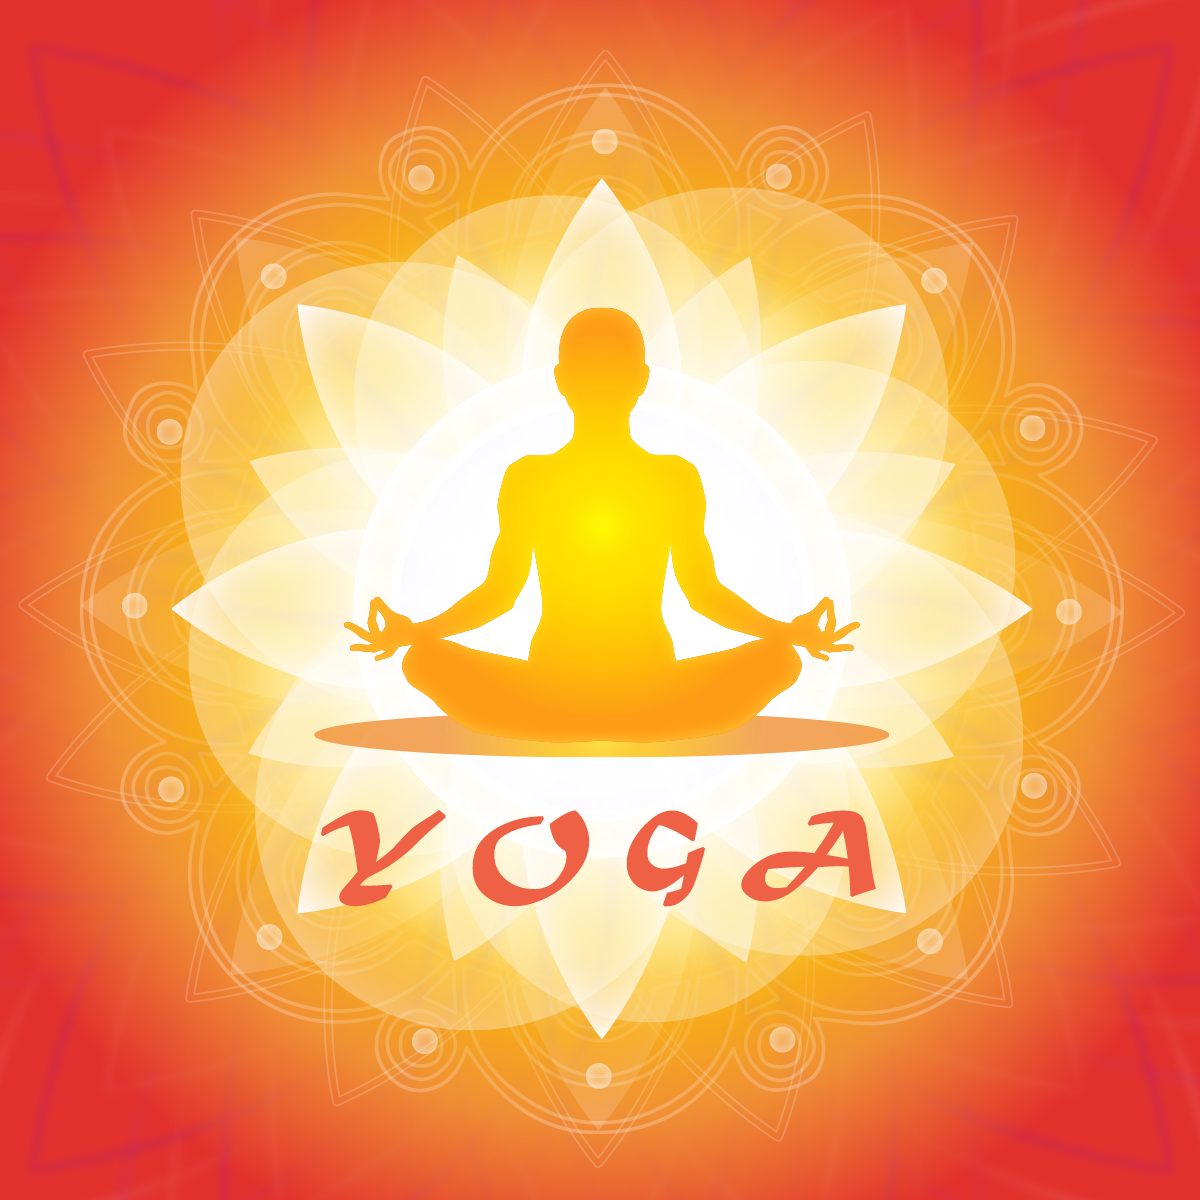 Essentiele Yoga Voor Beginners